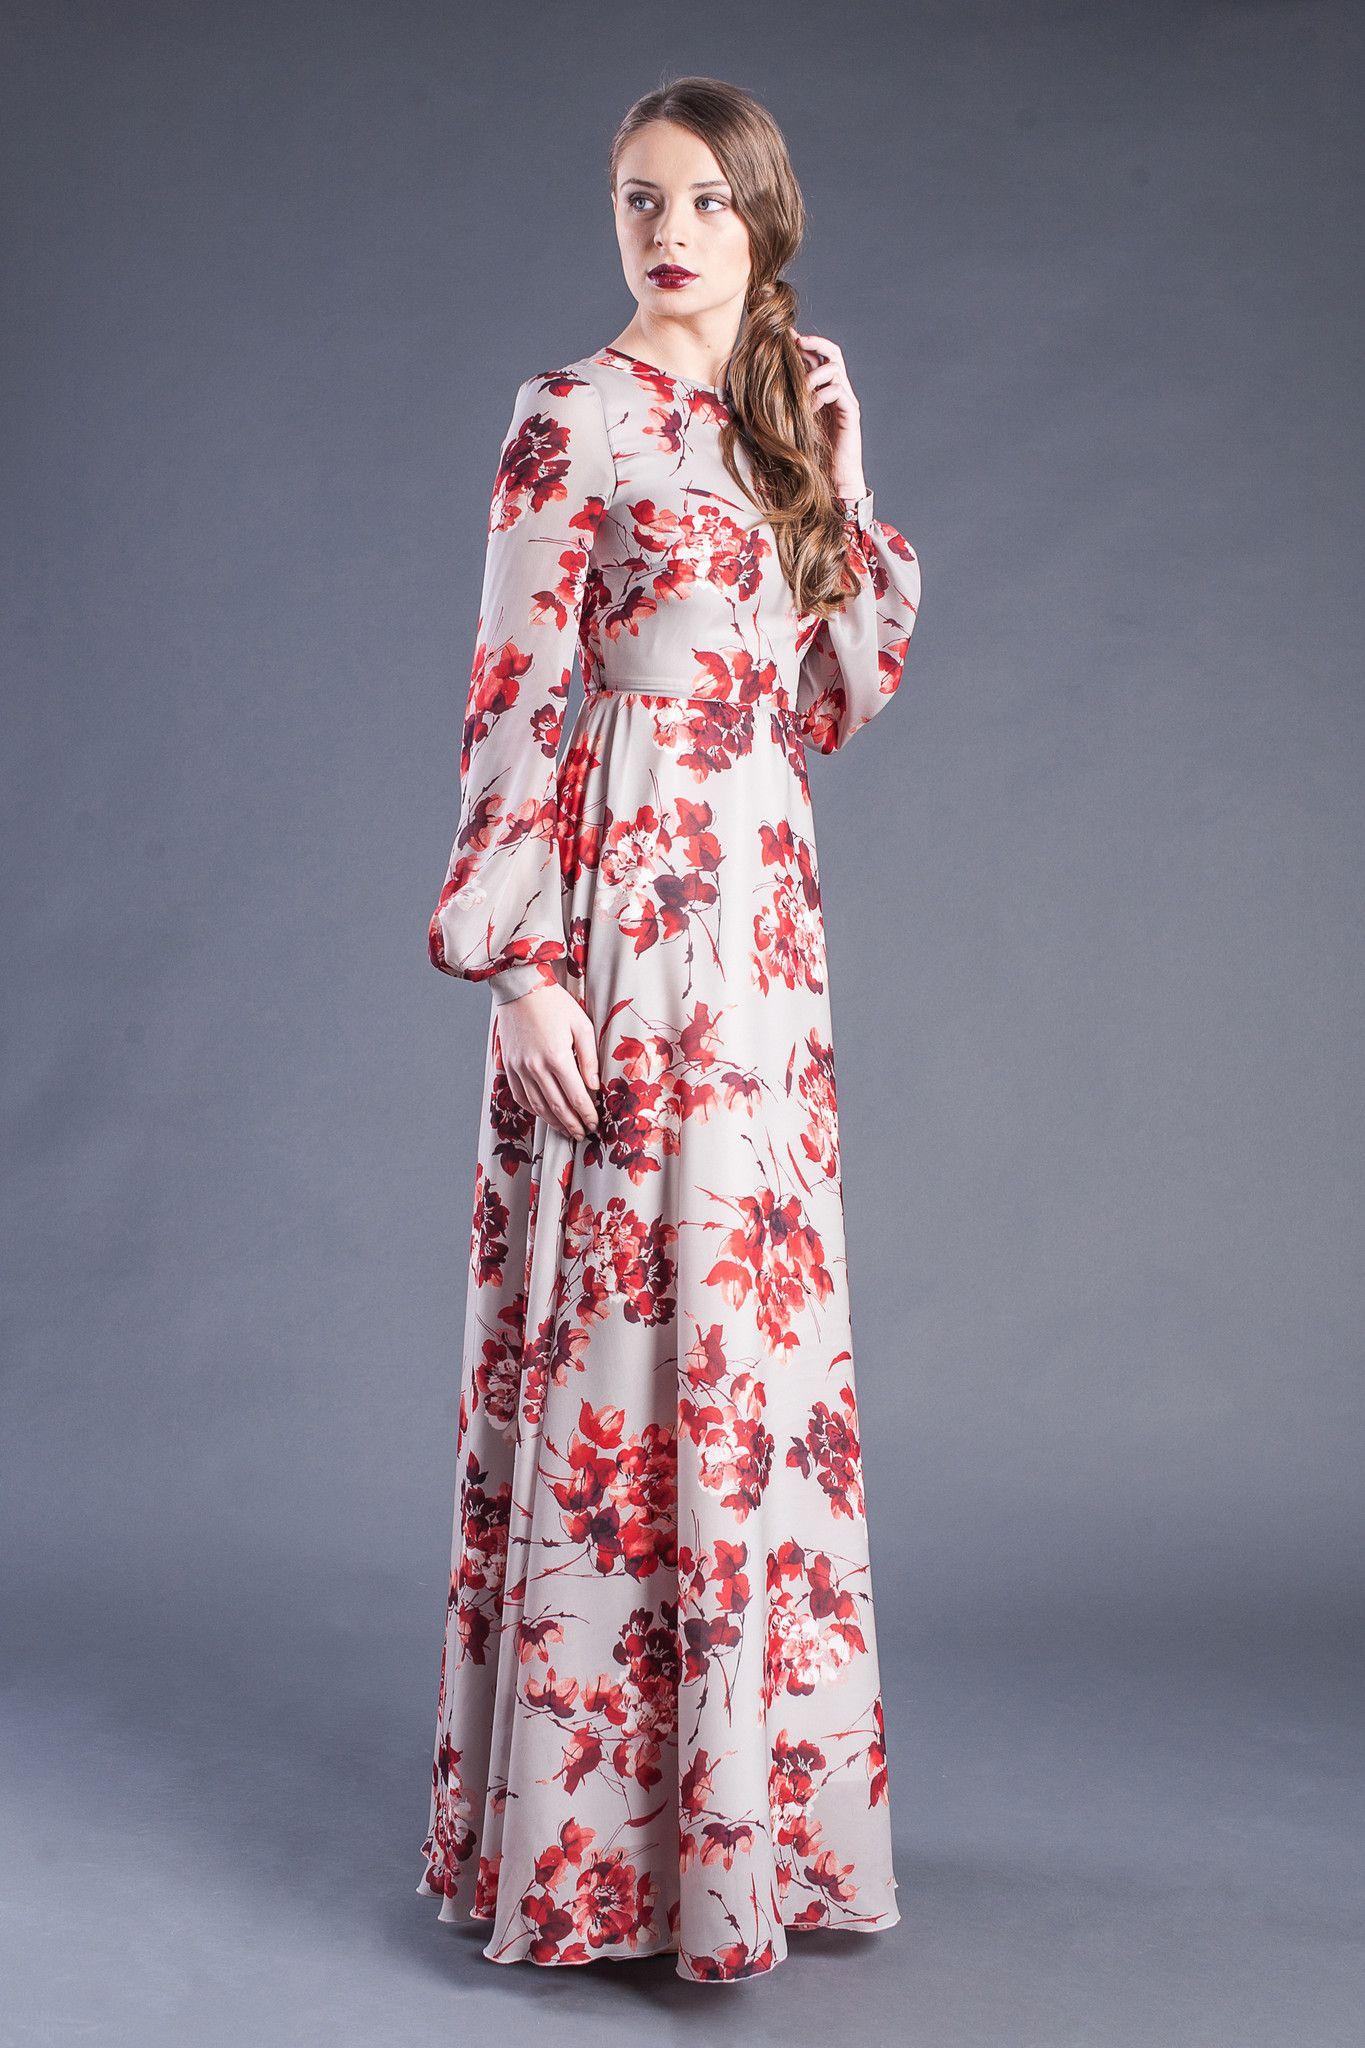 ced44f556761 Modest Floral Print Long Sleeve Maxi Dress - Modest floor length ...